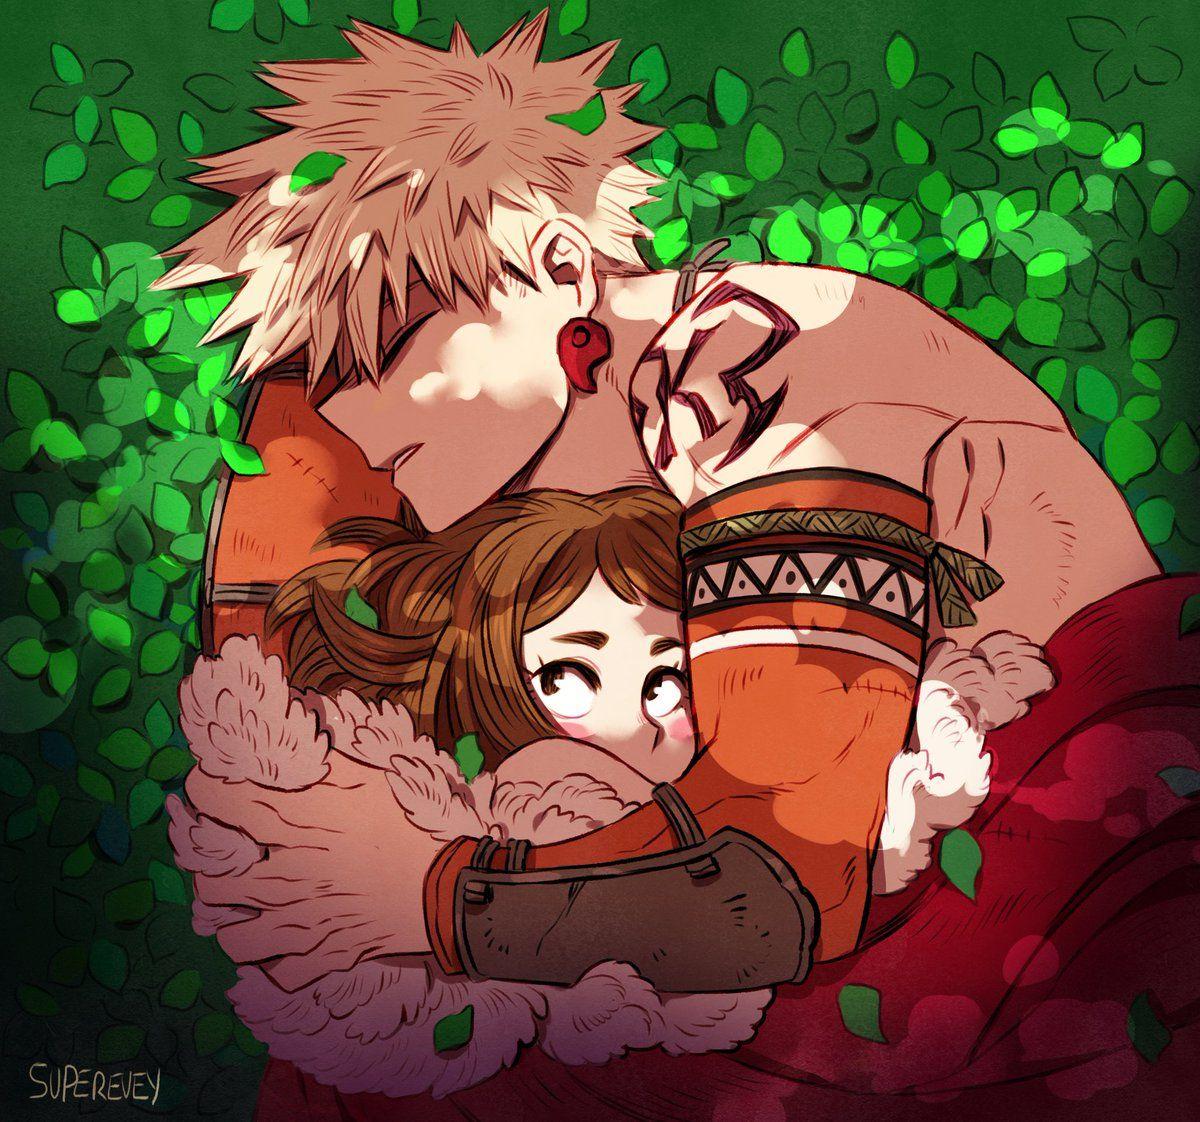 Pin By Insane Uchiha On Kachacco 3 Hero Anime Fan Art [ 1122 x 1200 Pixel ]